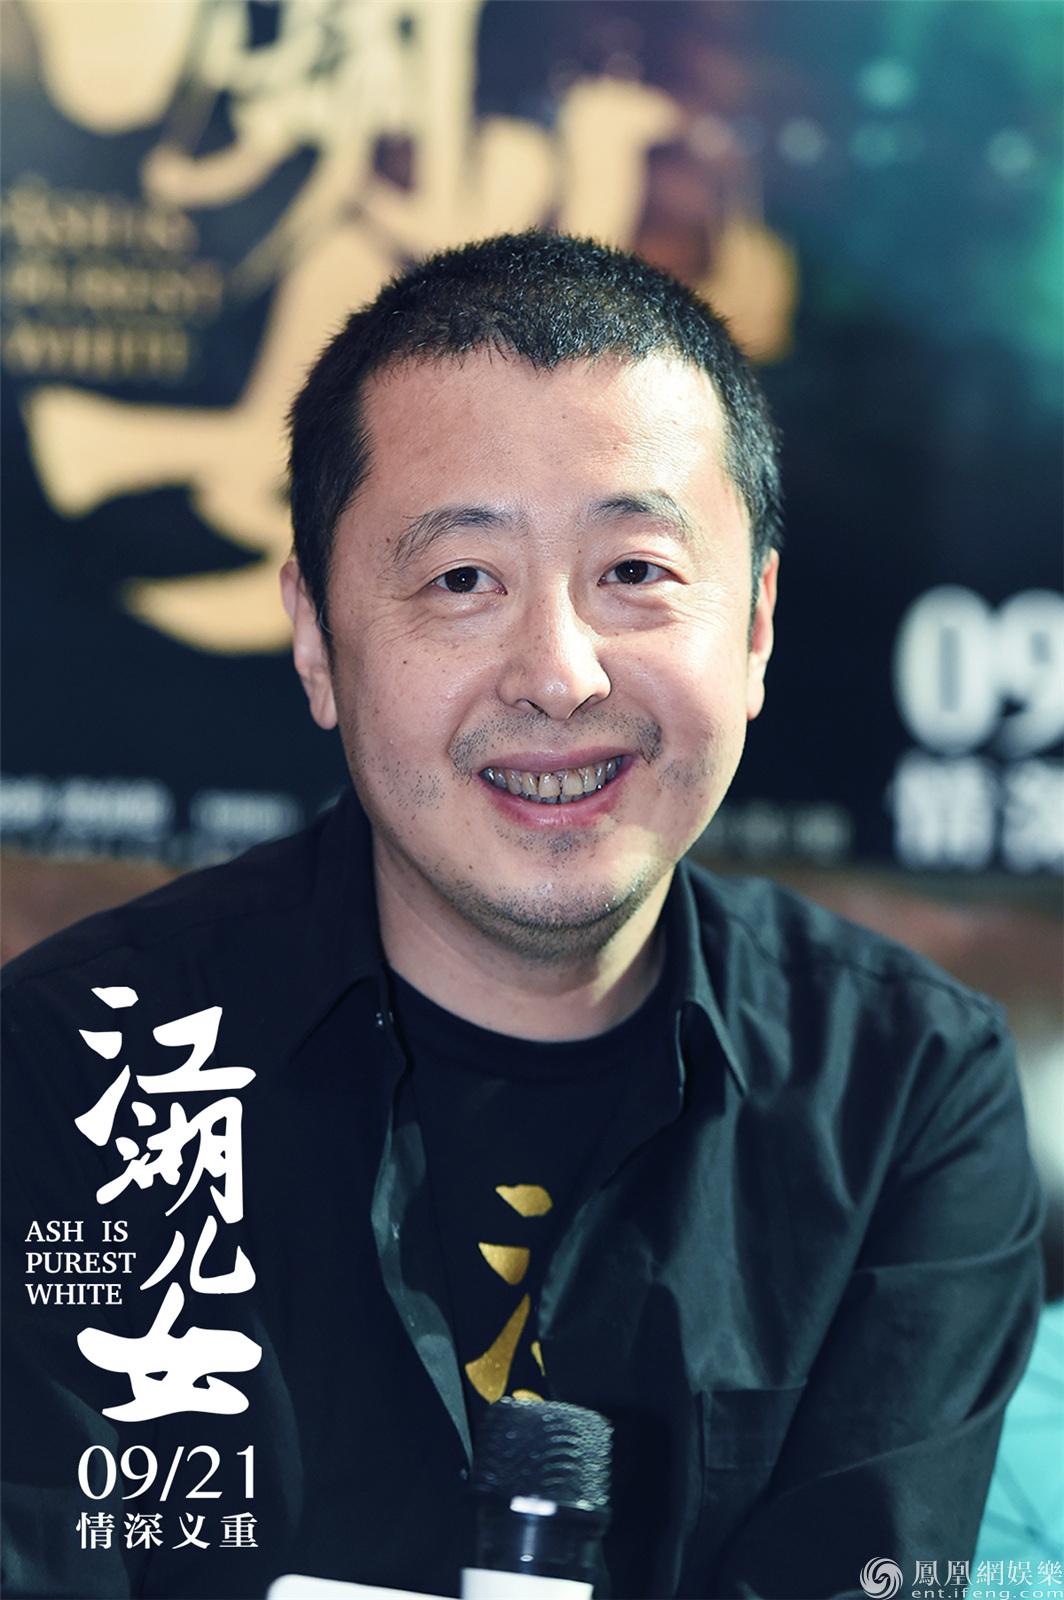 《江湖儿女》首映口碑大爆 陈可辛盛赞高级商业片